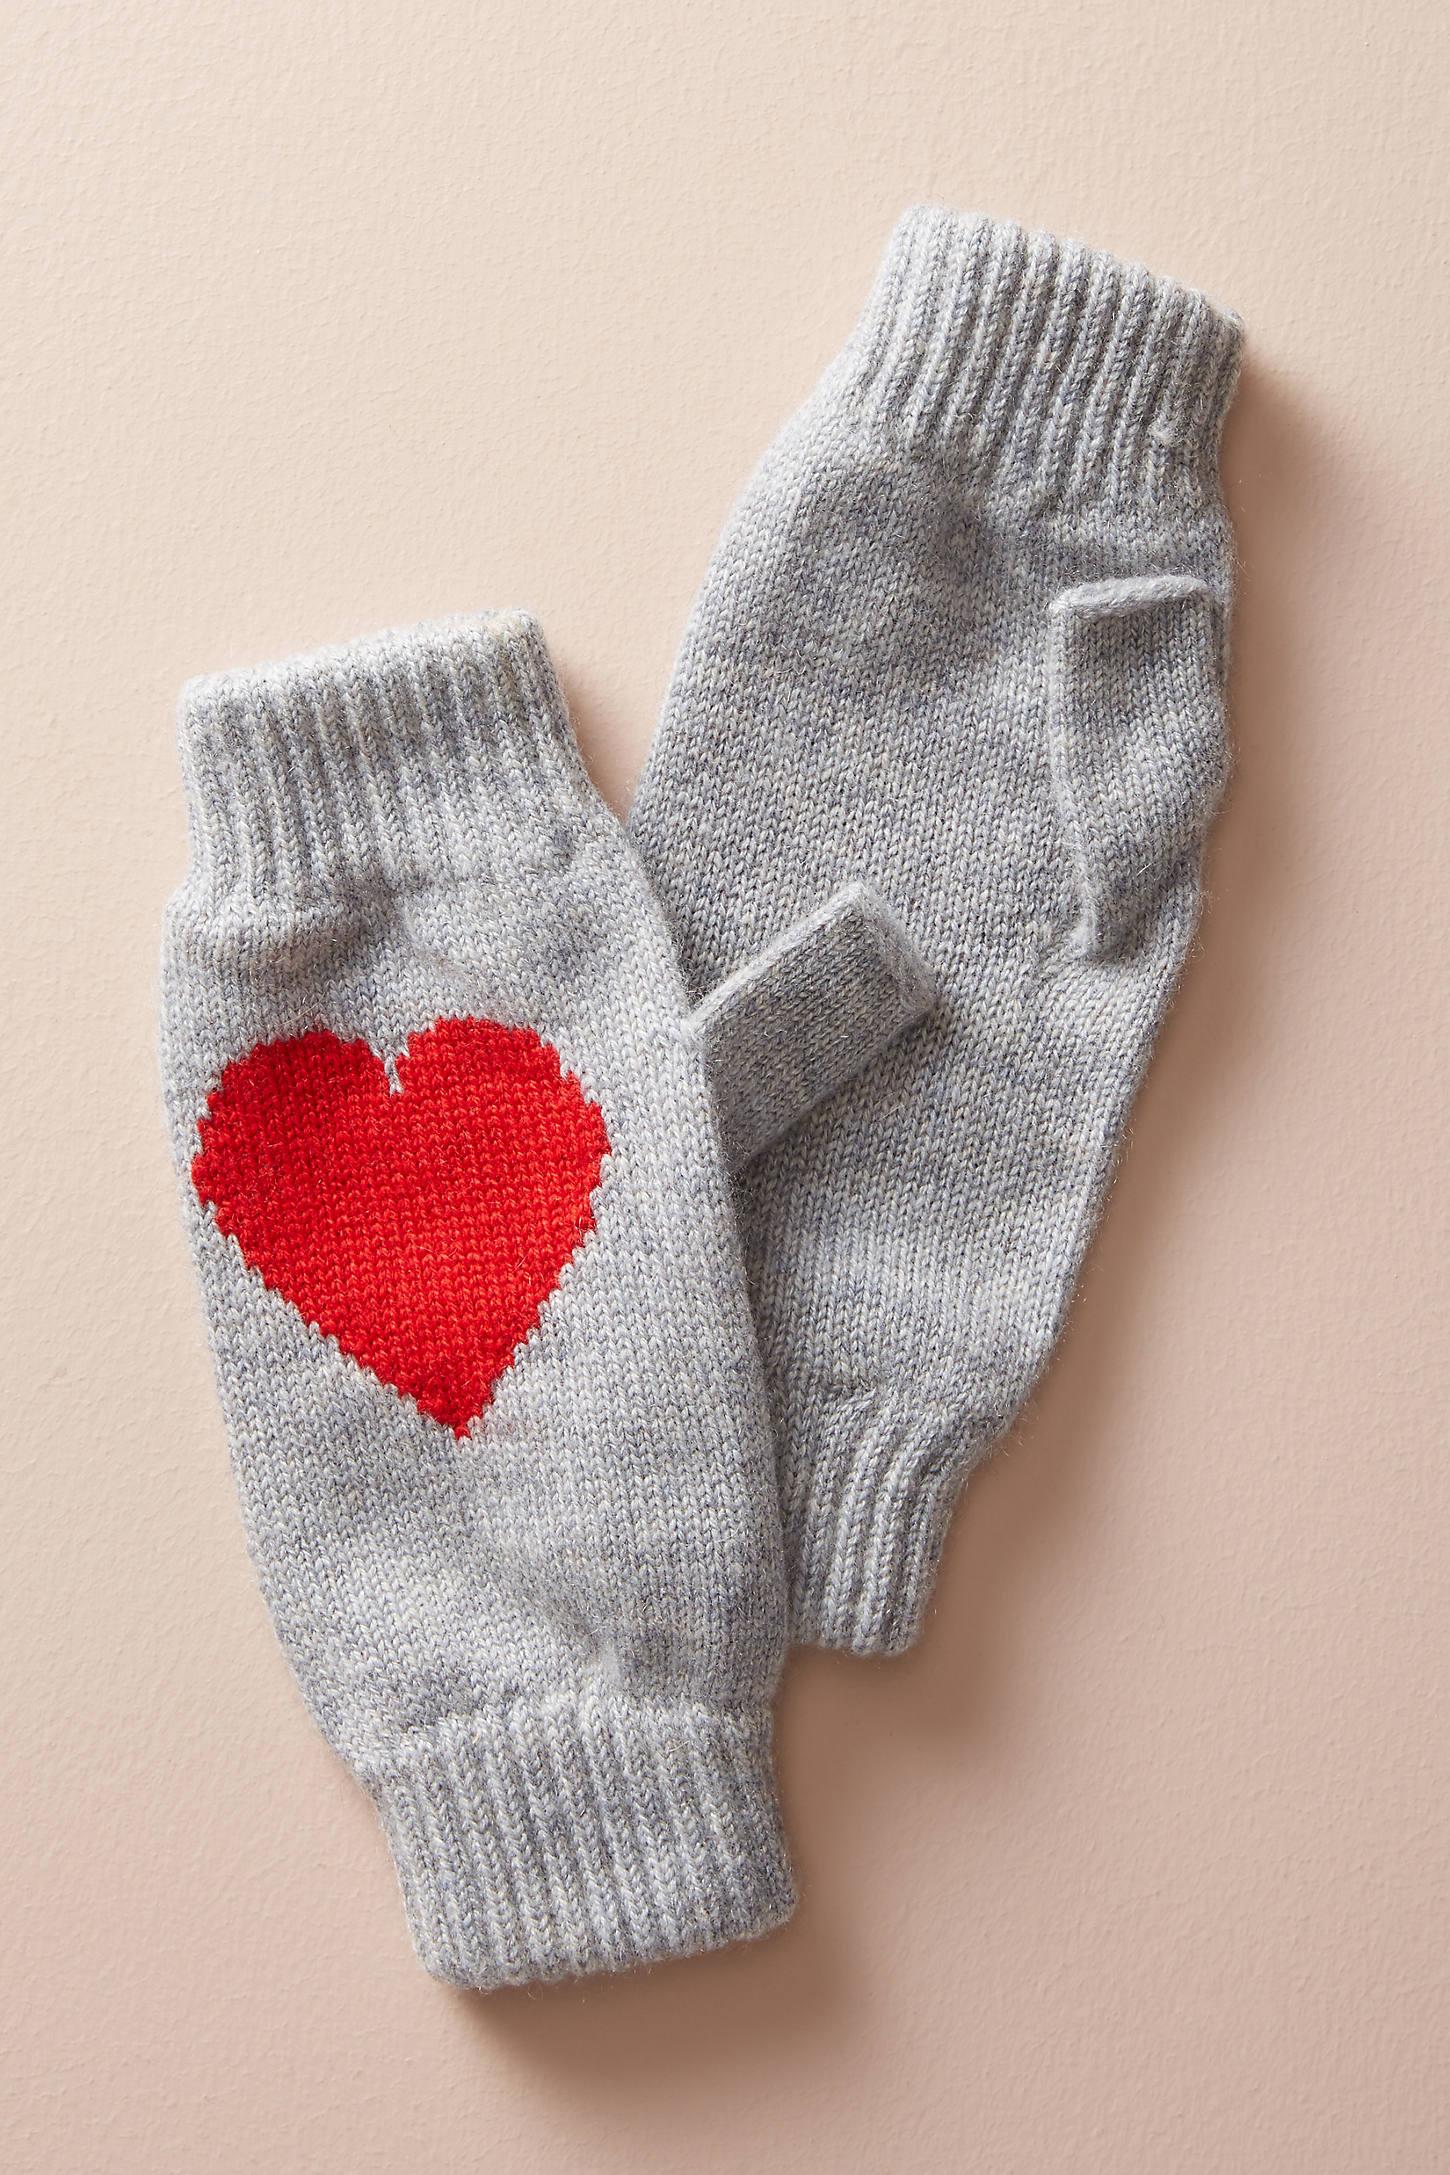 Heart Cashmere Fingerless Gloves